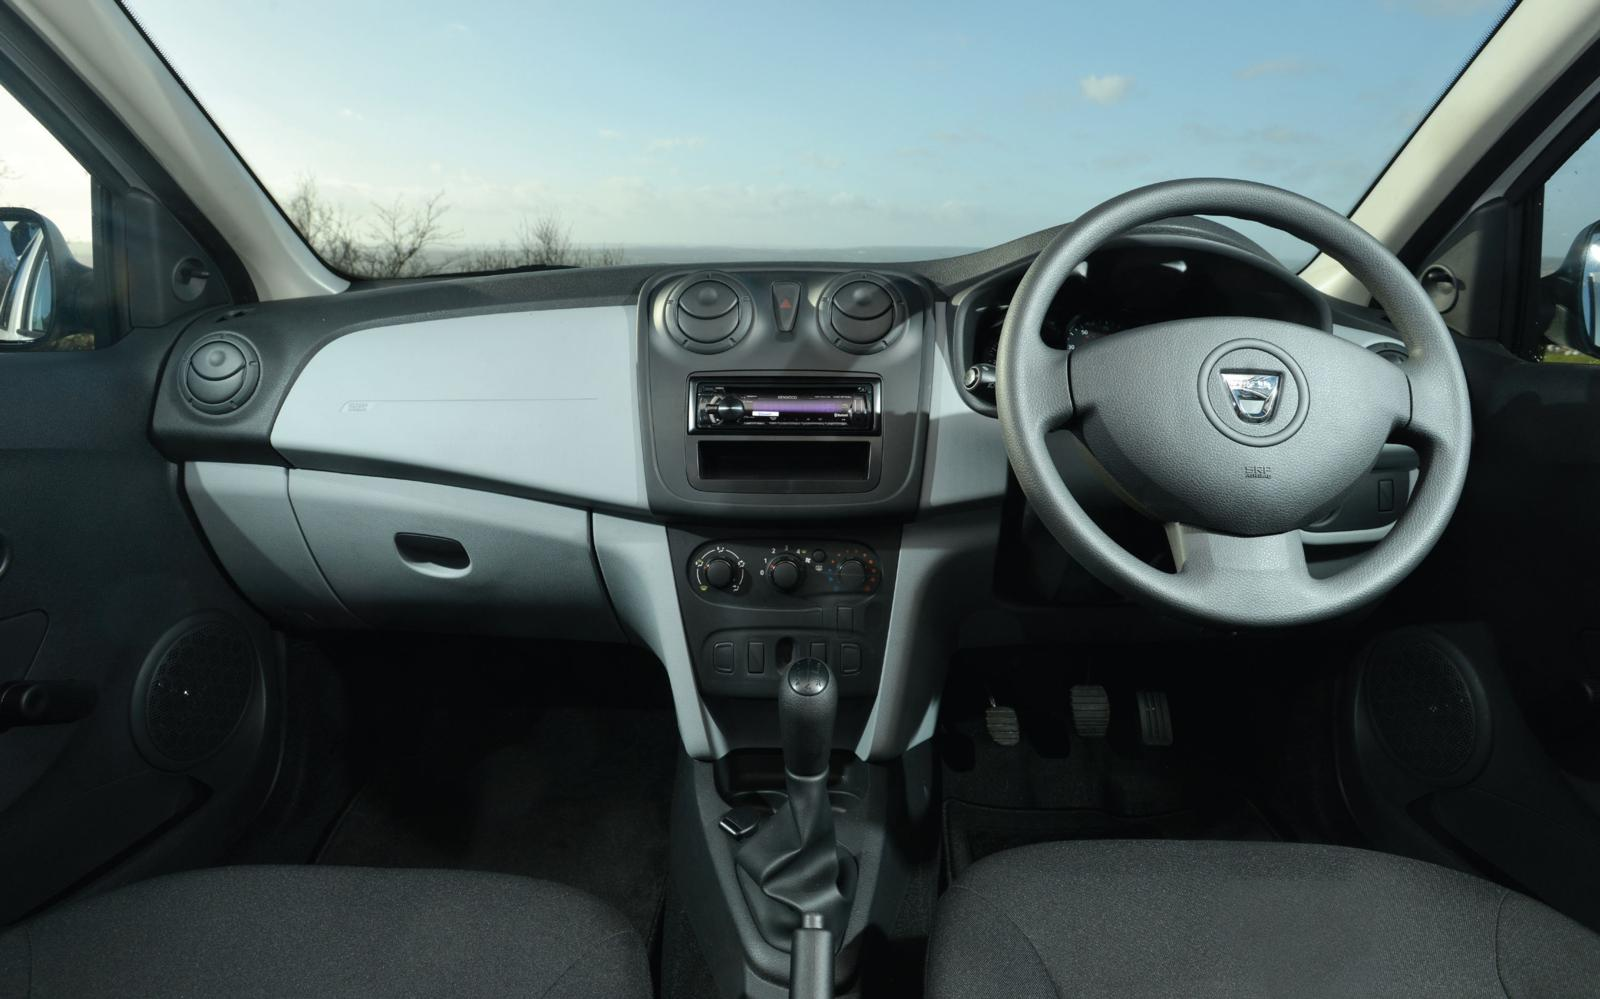 Dacia Sandero Access 2013 Dashboard Front Seat Driver